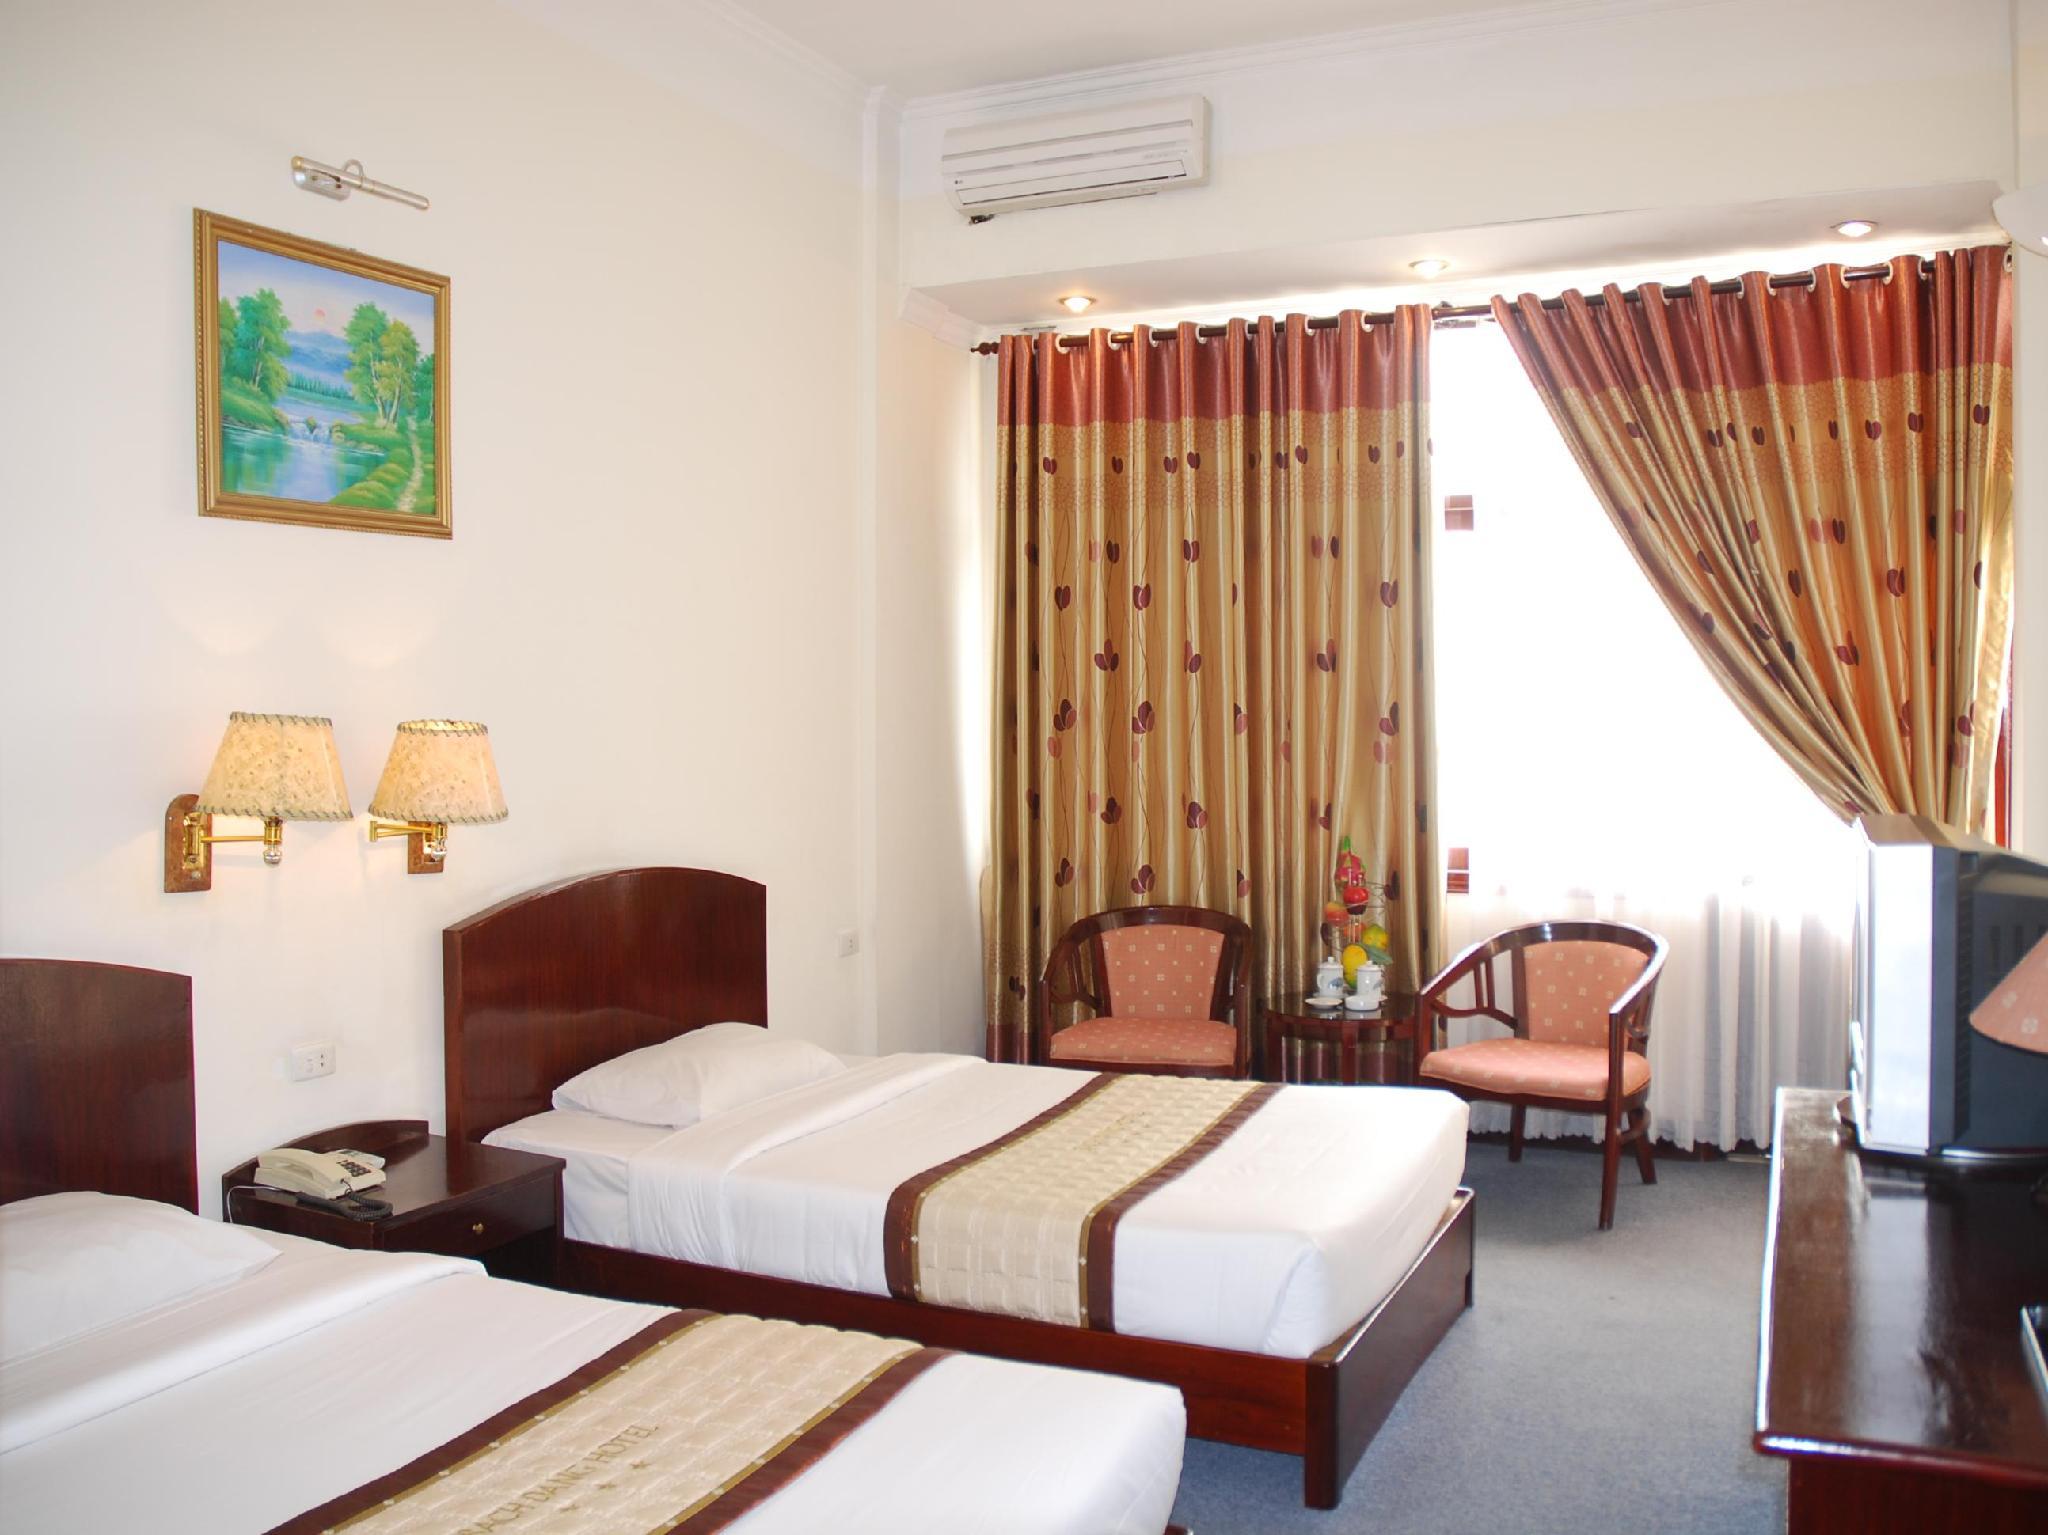 Bach Dang Hotel 5